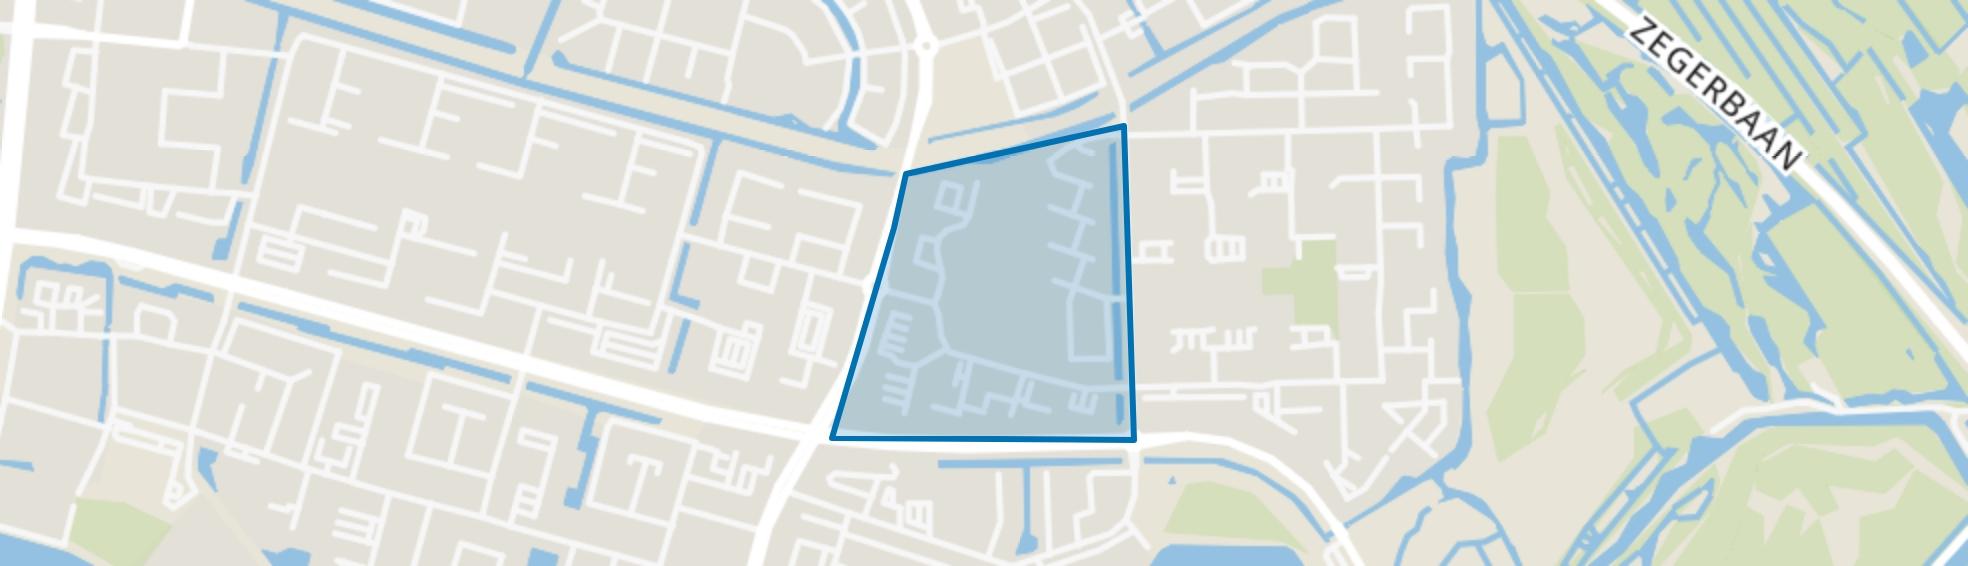 Ericapark, Alphen aan den Rijn map